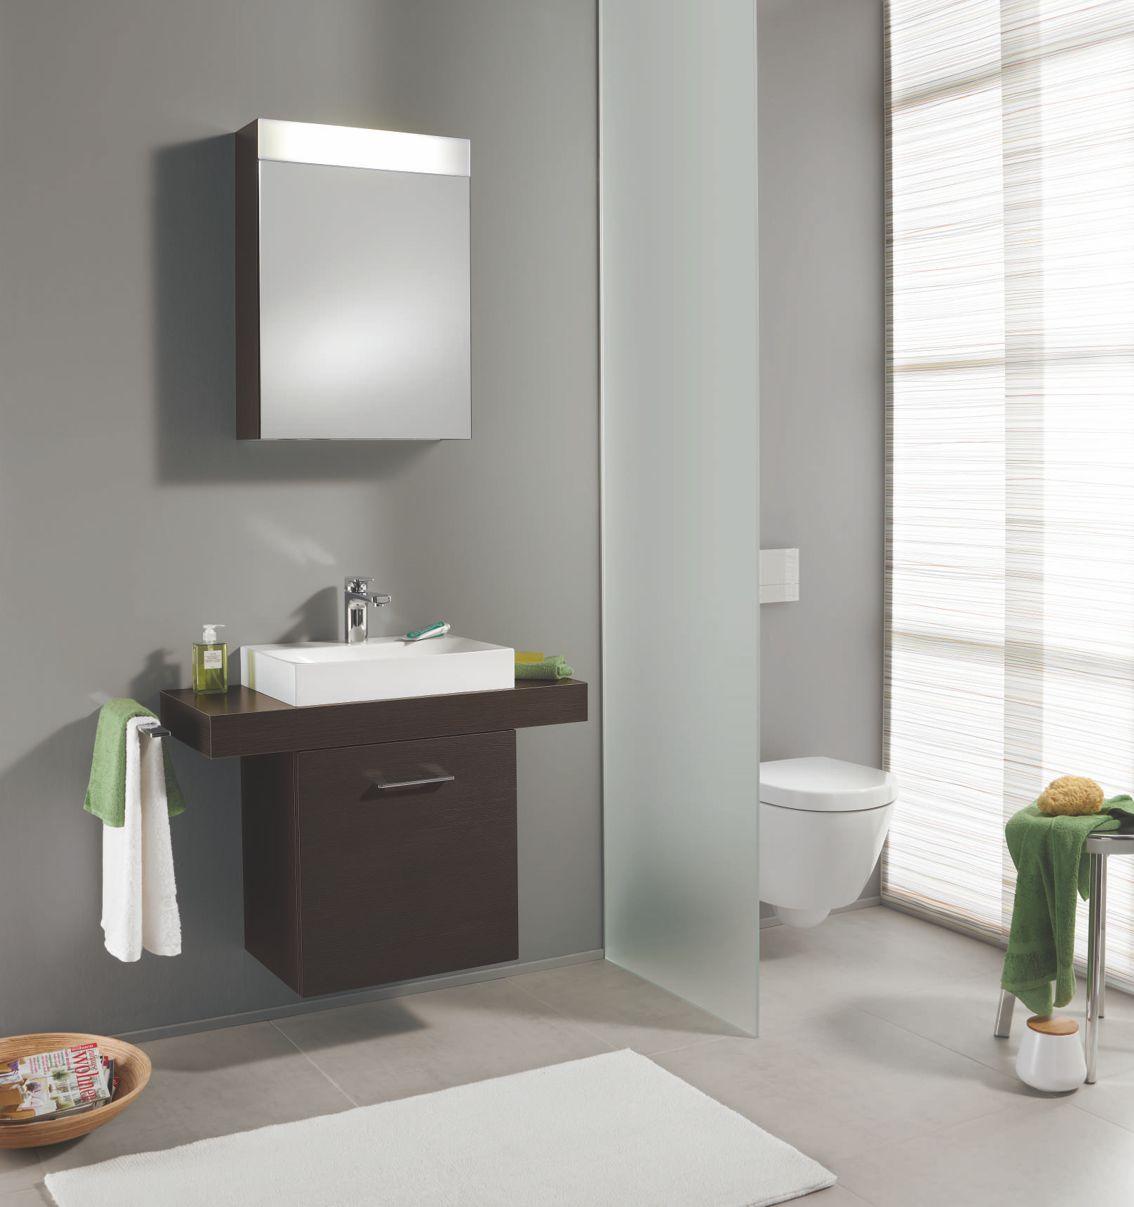 moderne bader gmbh ~ ideen für die innenarchitektur ihres hauses, Moderne deko